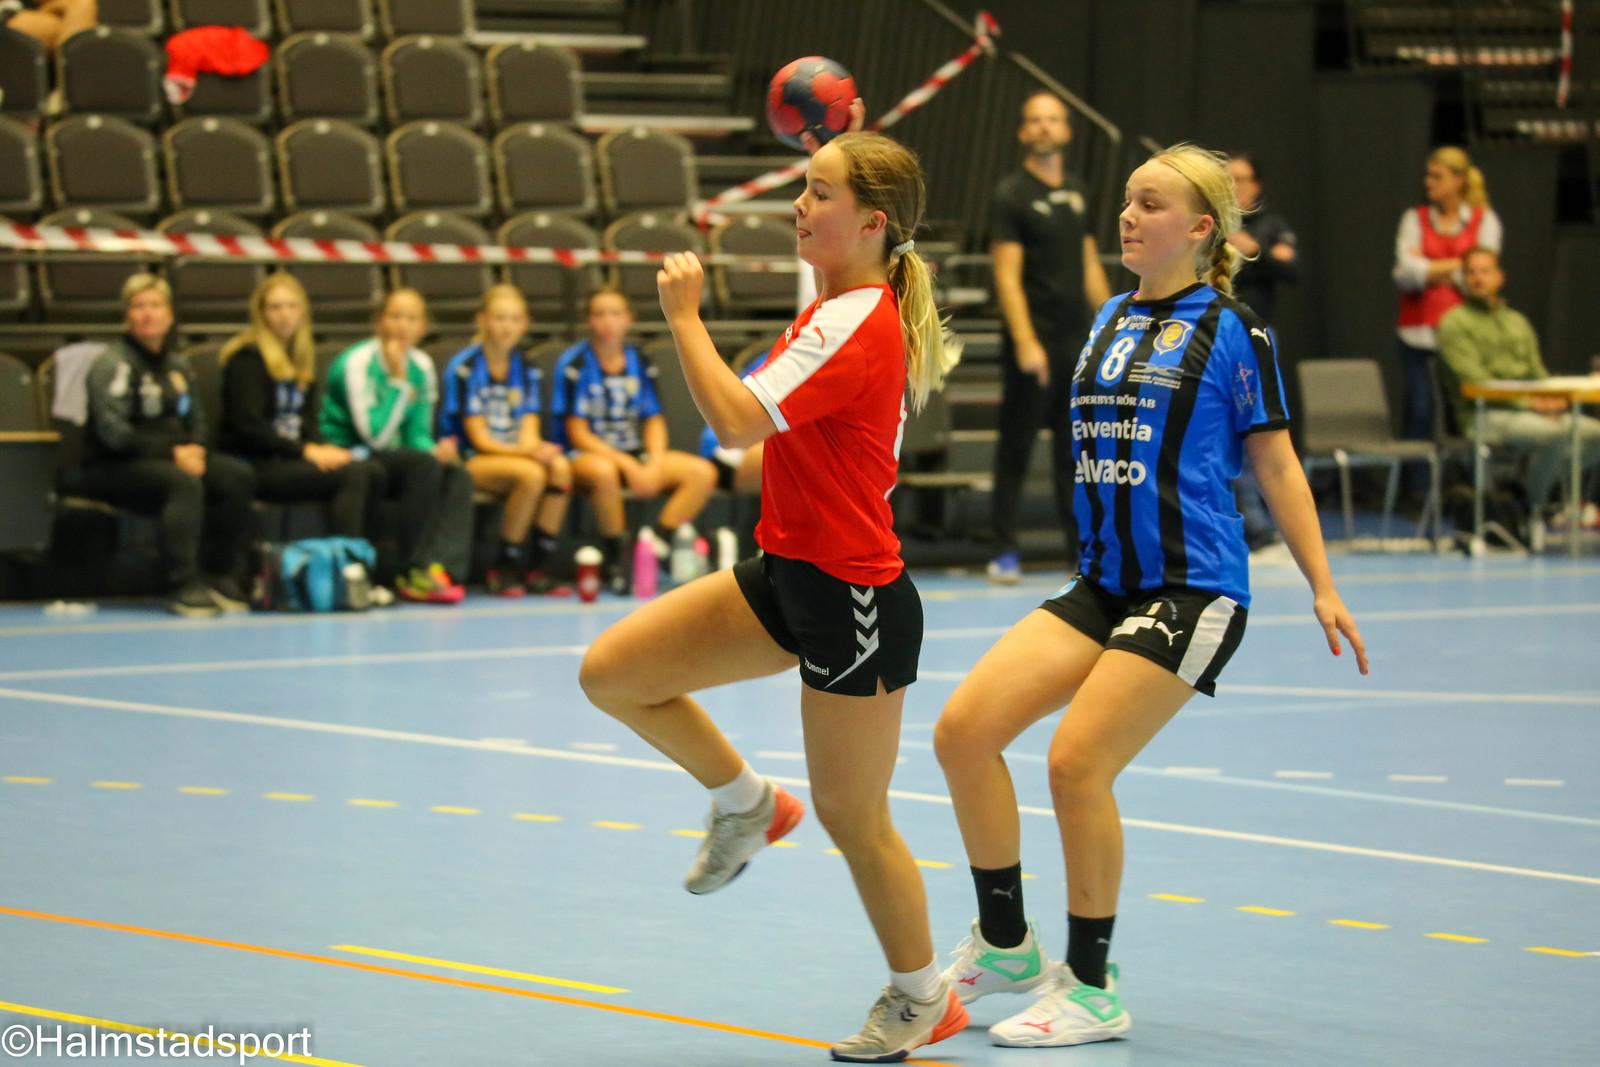 Halmstad Handboll Cup 2021